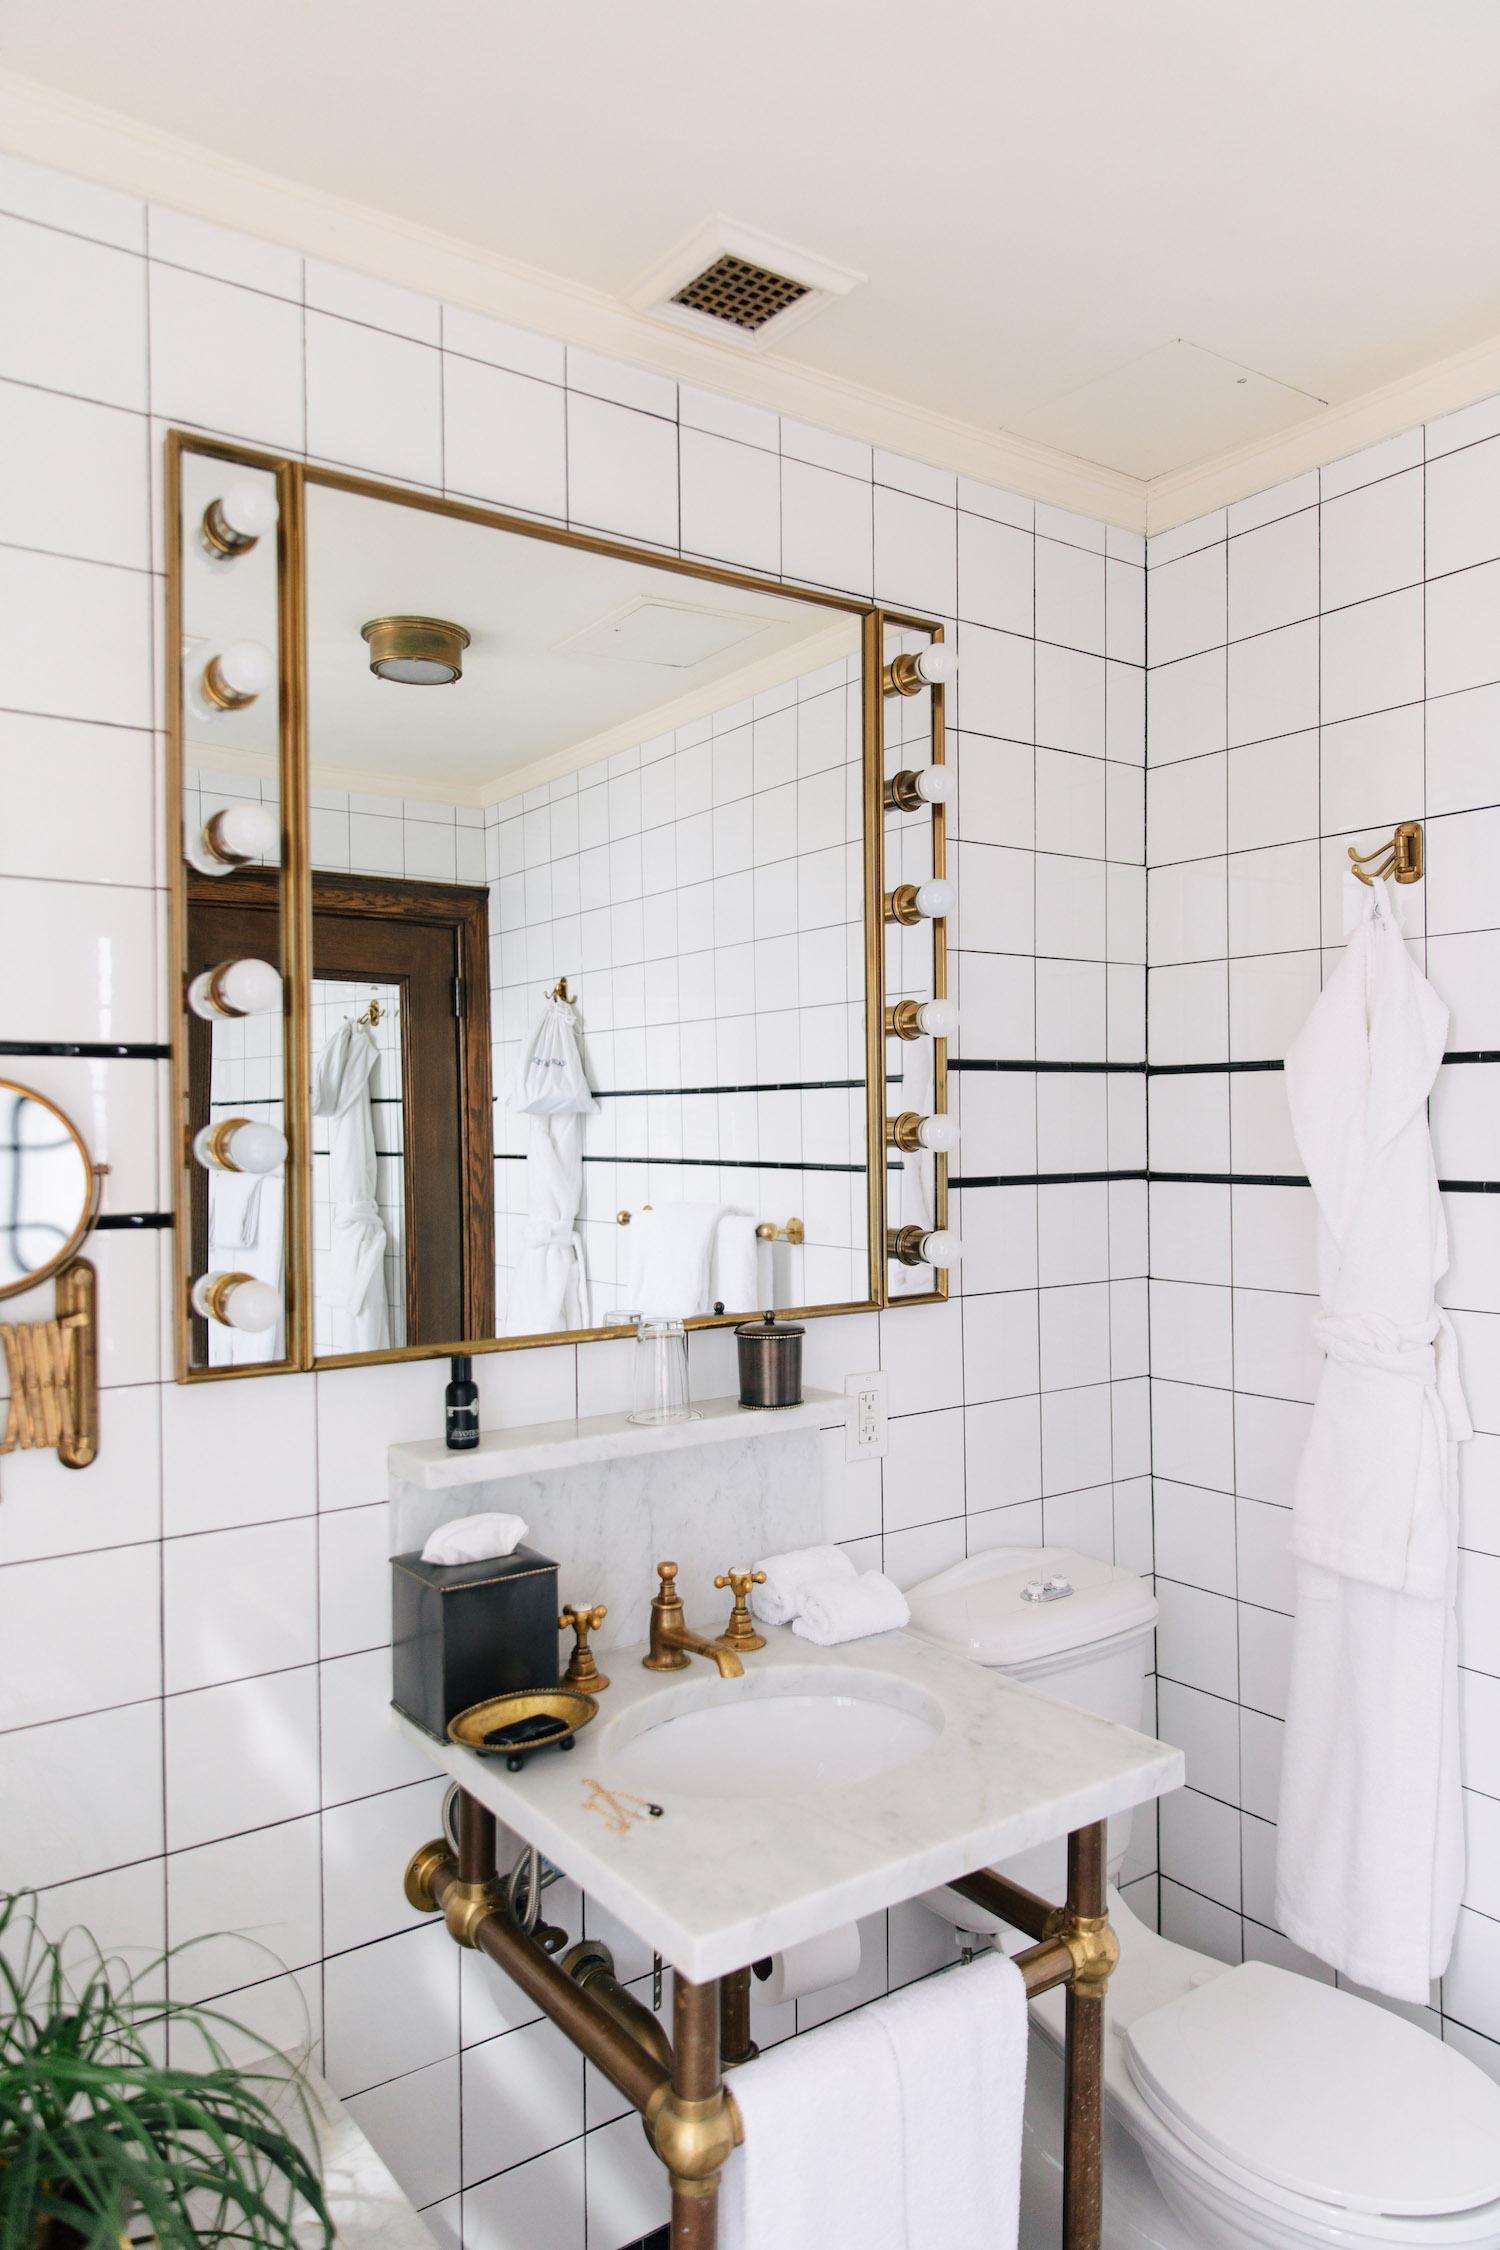 The Ludlow Hotel Bathroom